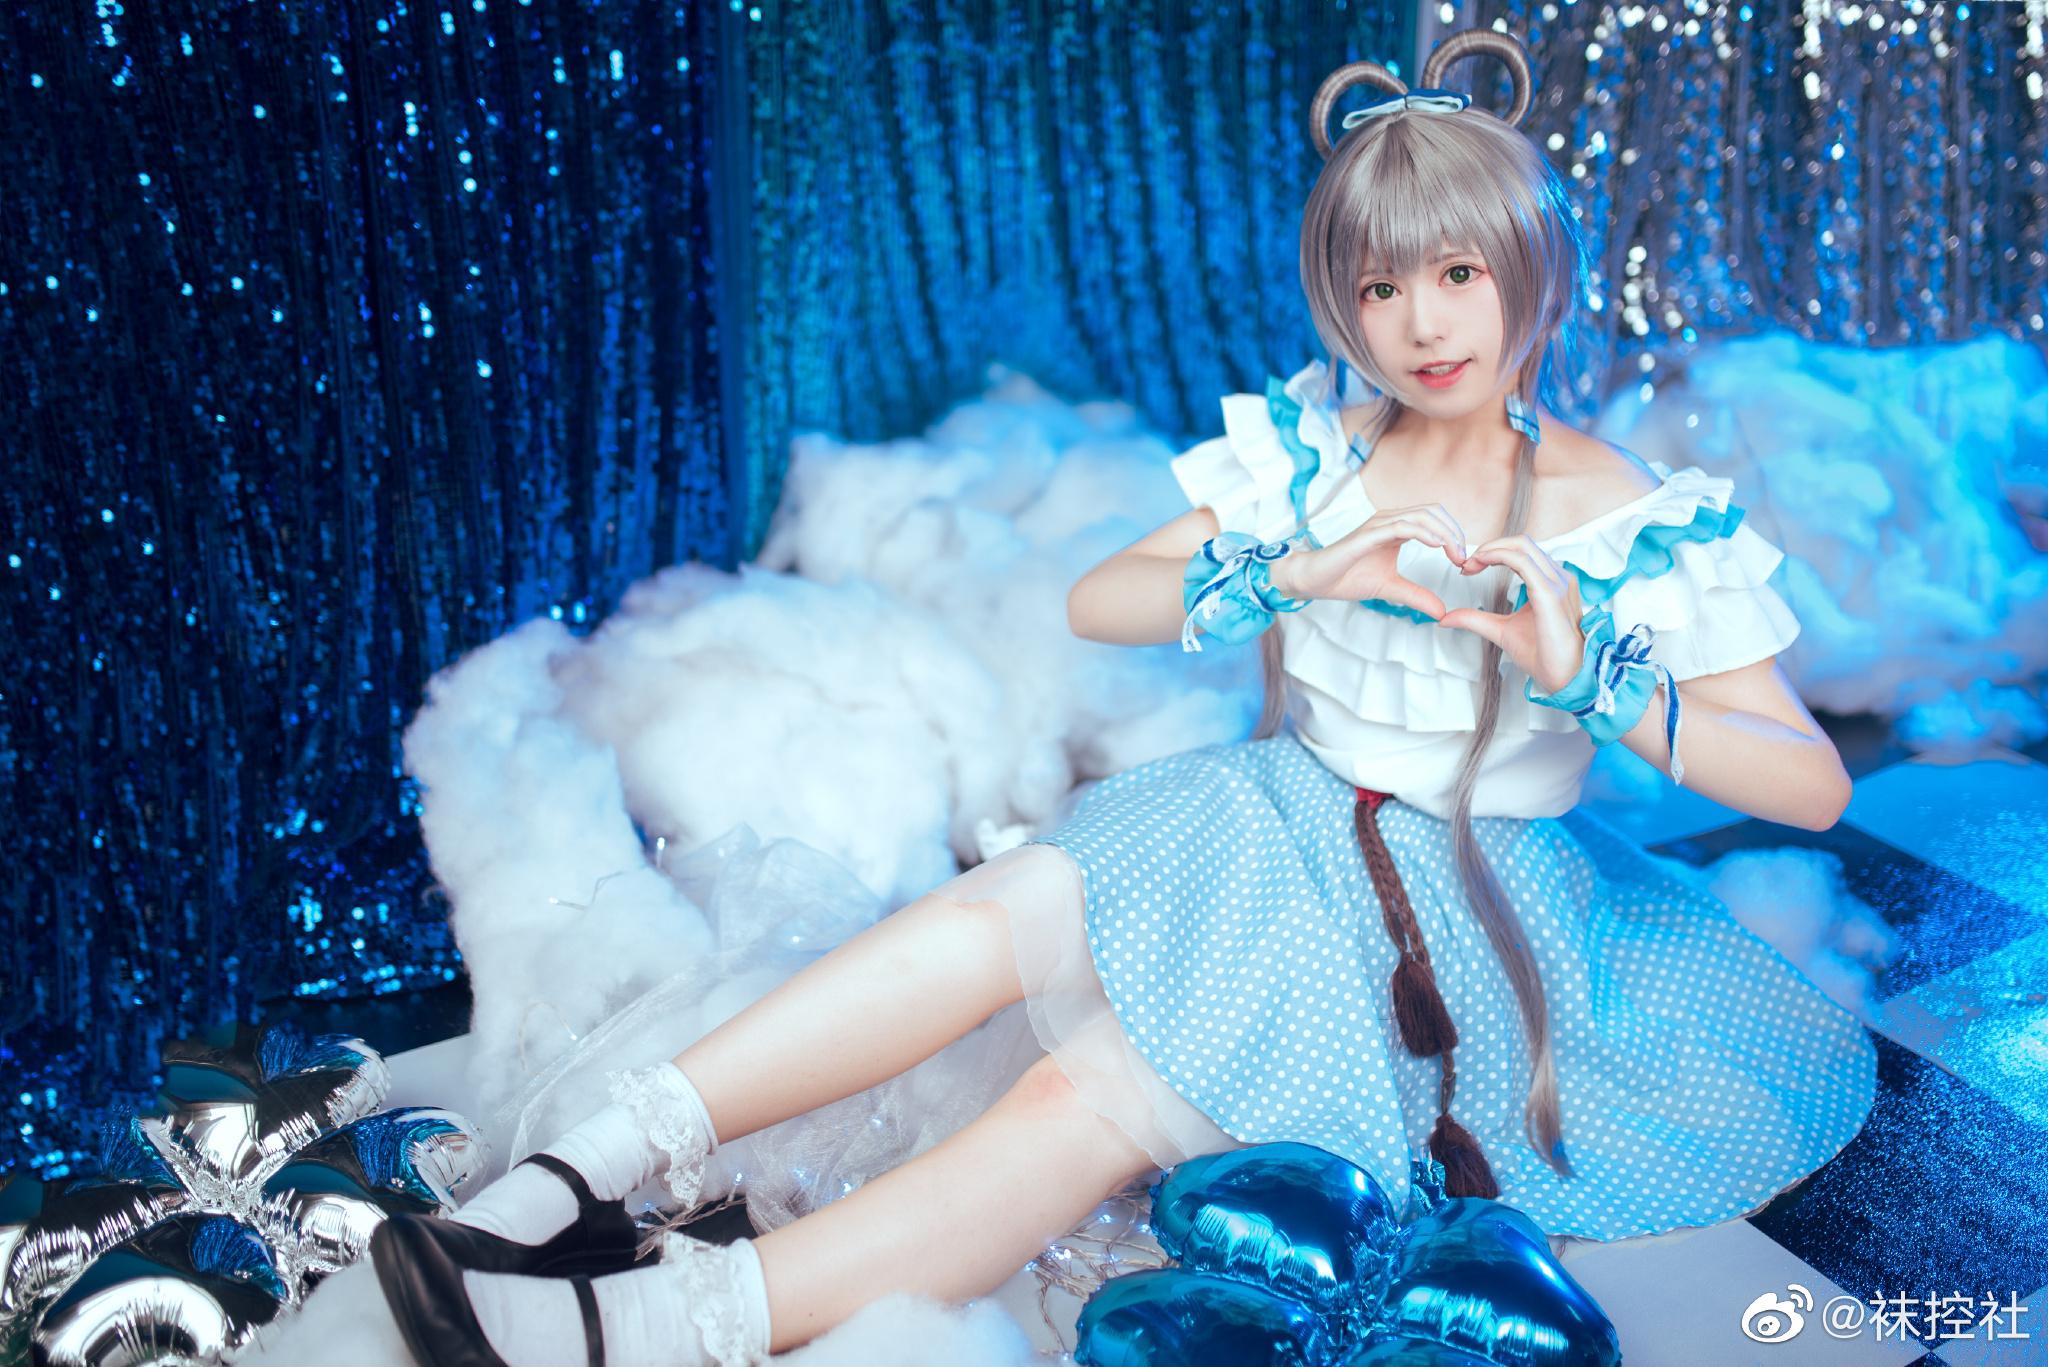 【美女图片】丝袜、大长腿、coser、萌妹与欧派第十期